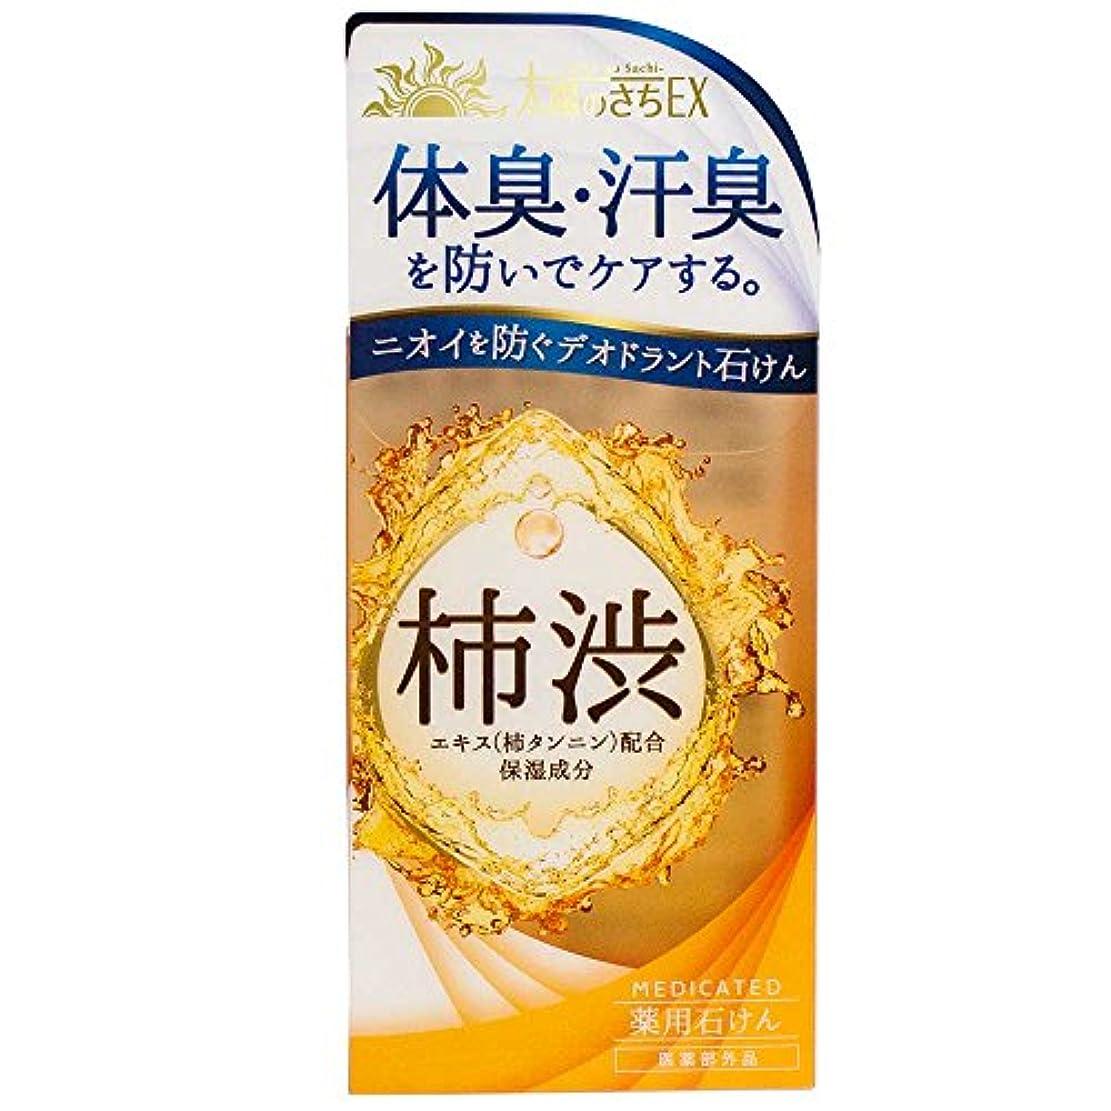 シャークエレベーターカラス薬用太陽のさちEX 柿渋石けん 120g